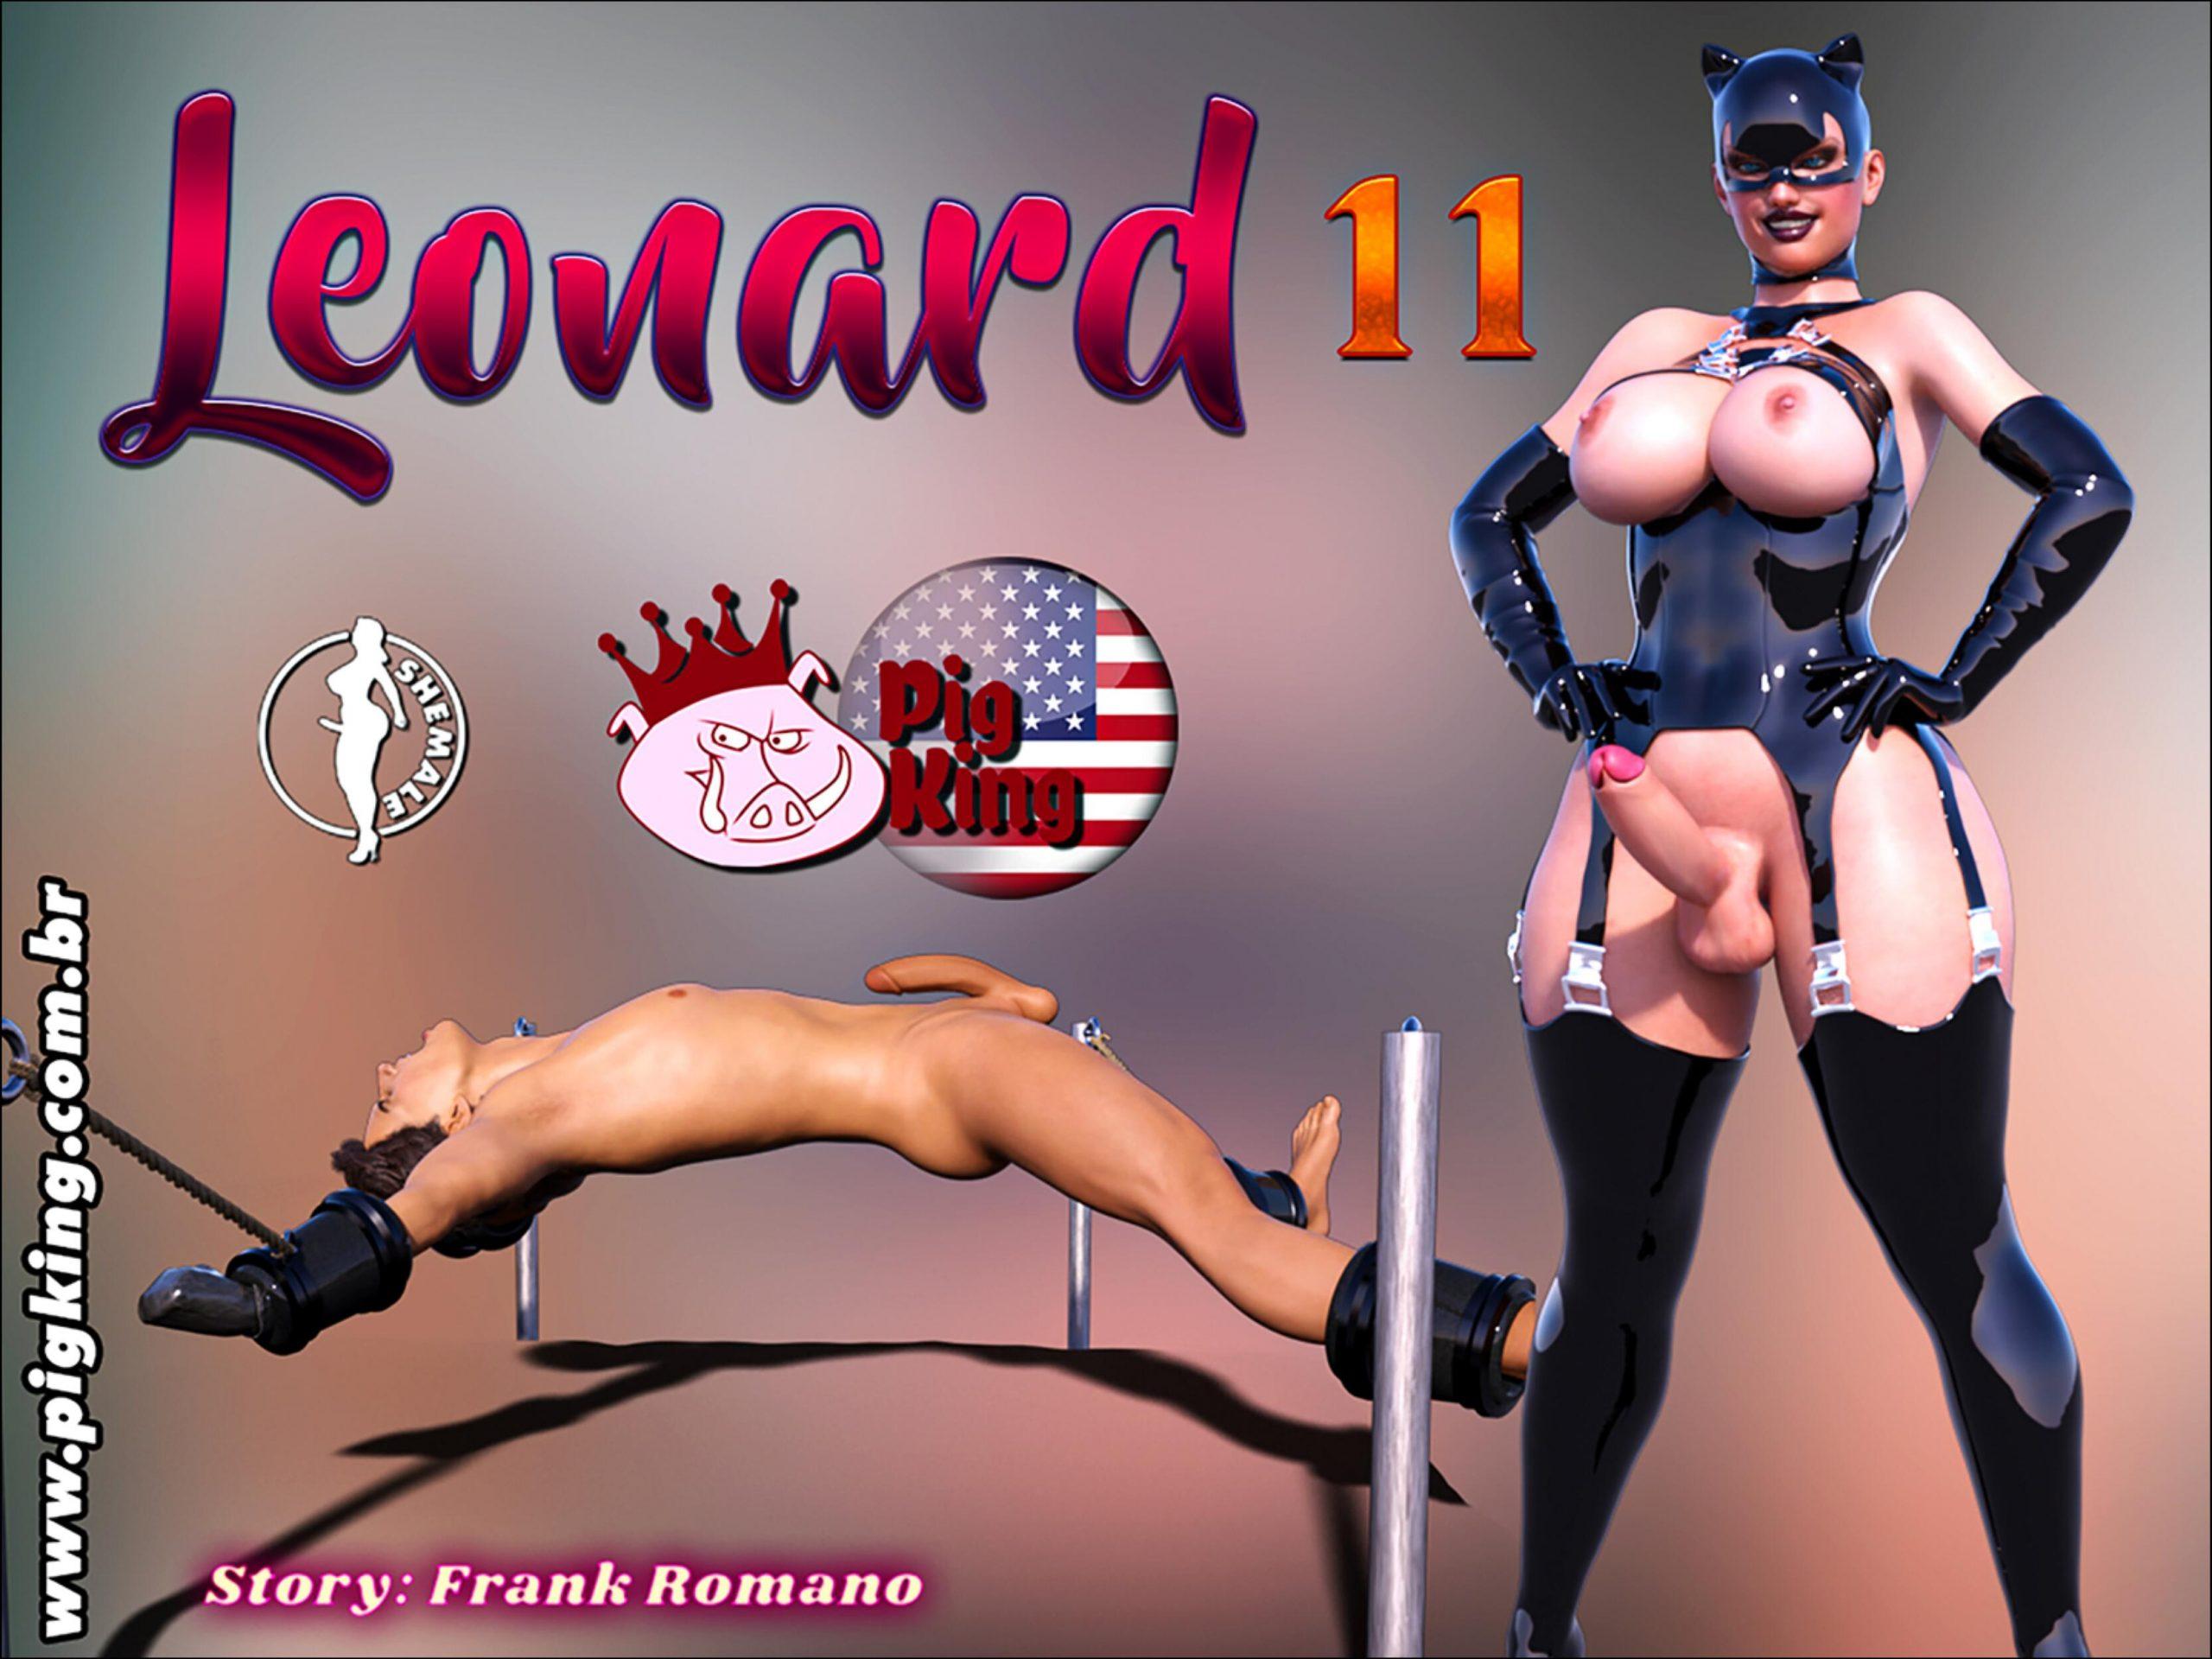 PigKing - LEONARD 11